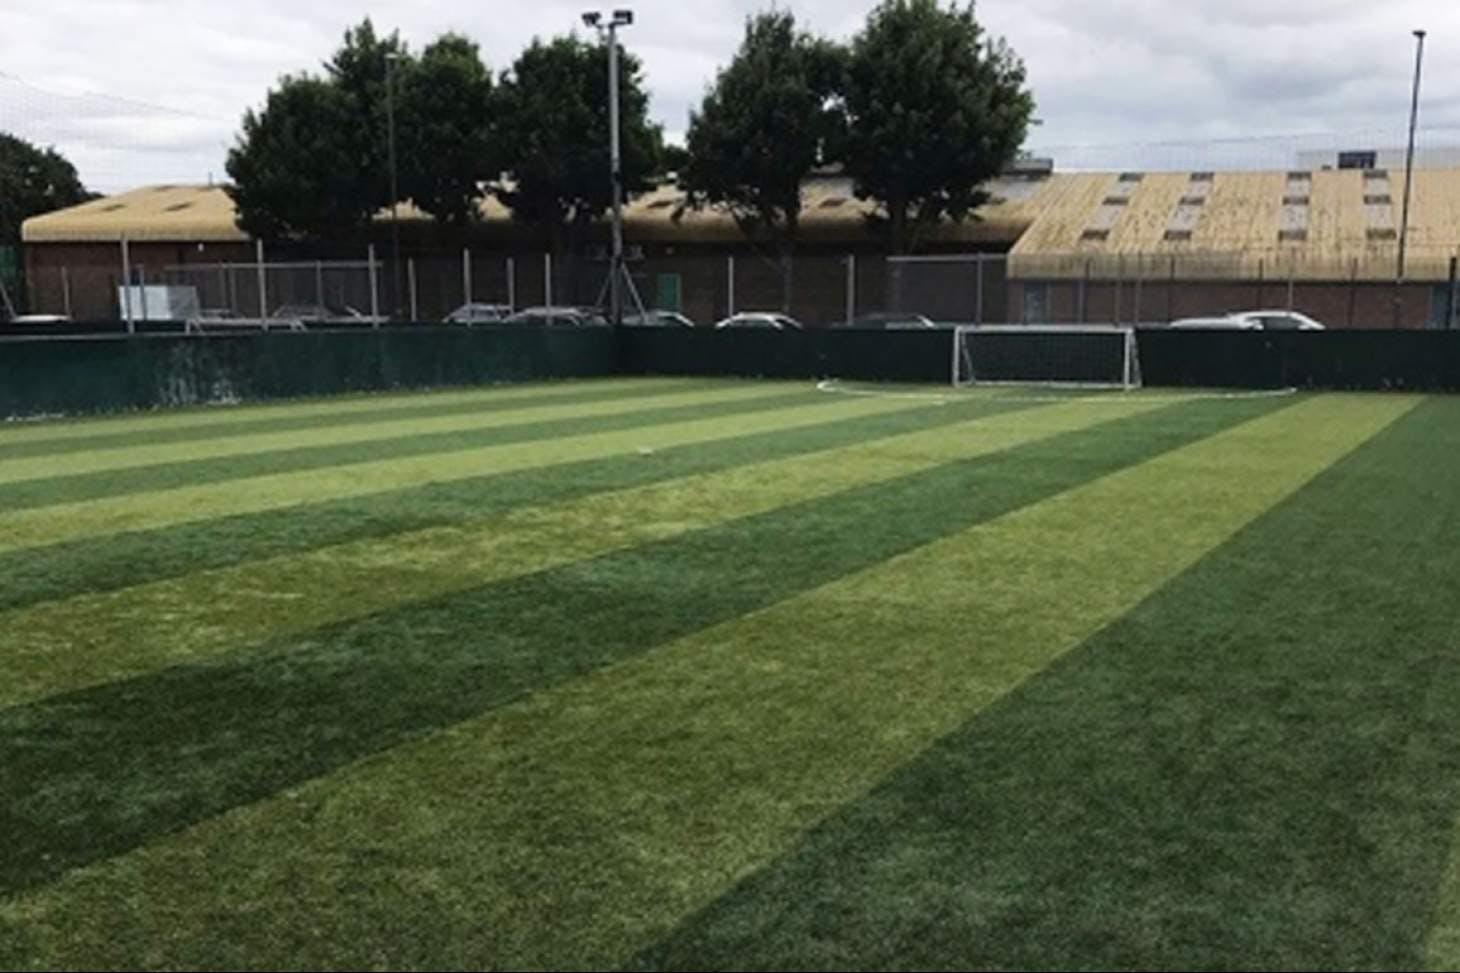 Powerleague Croydon 5 a side | 3G Astroturf football pitch